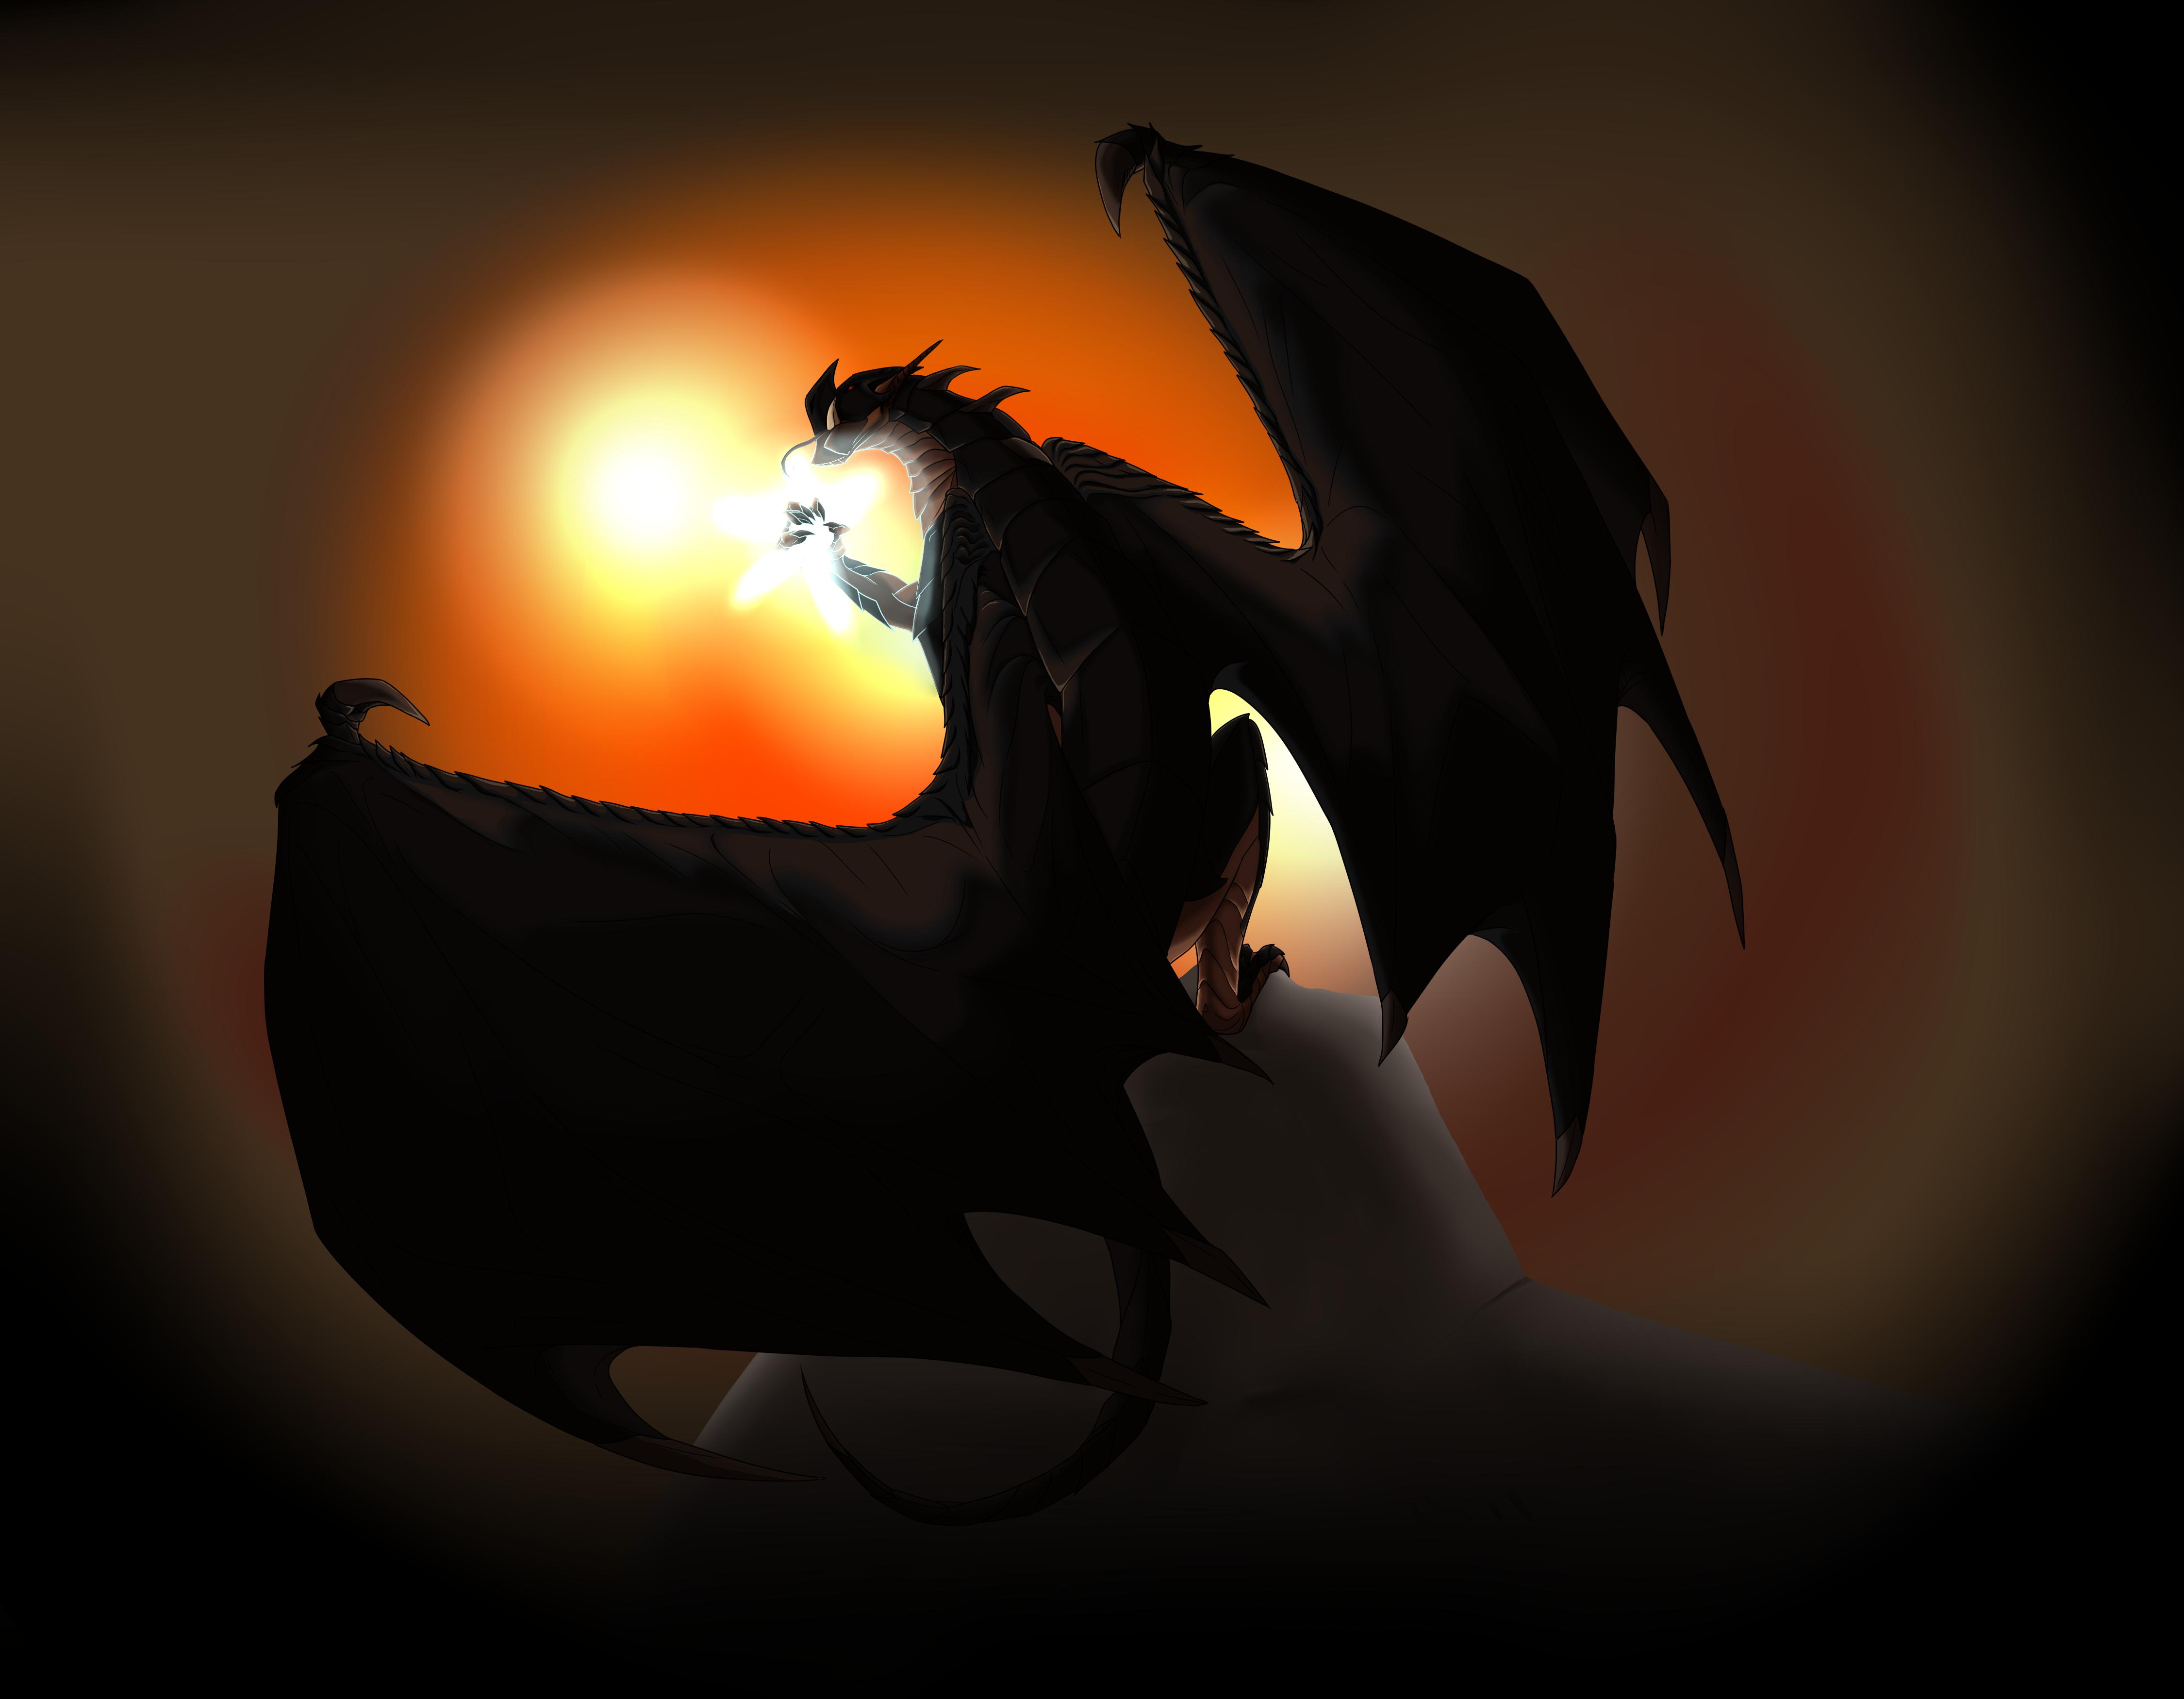 Hellfire by CXCR